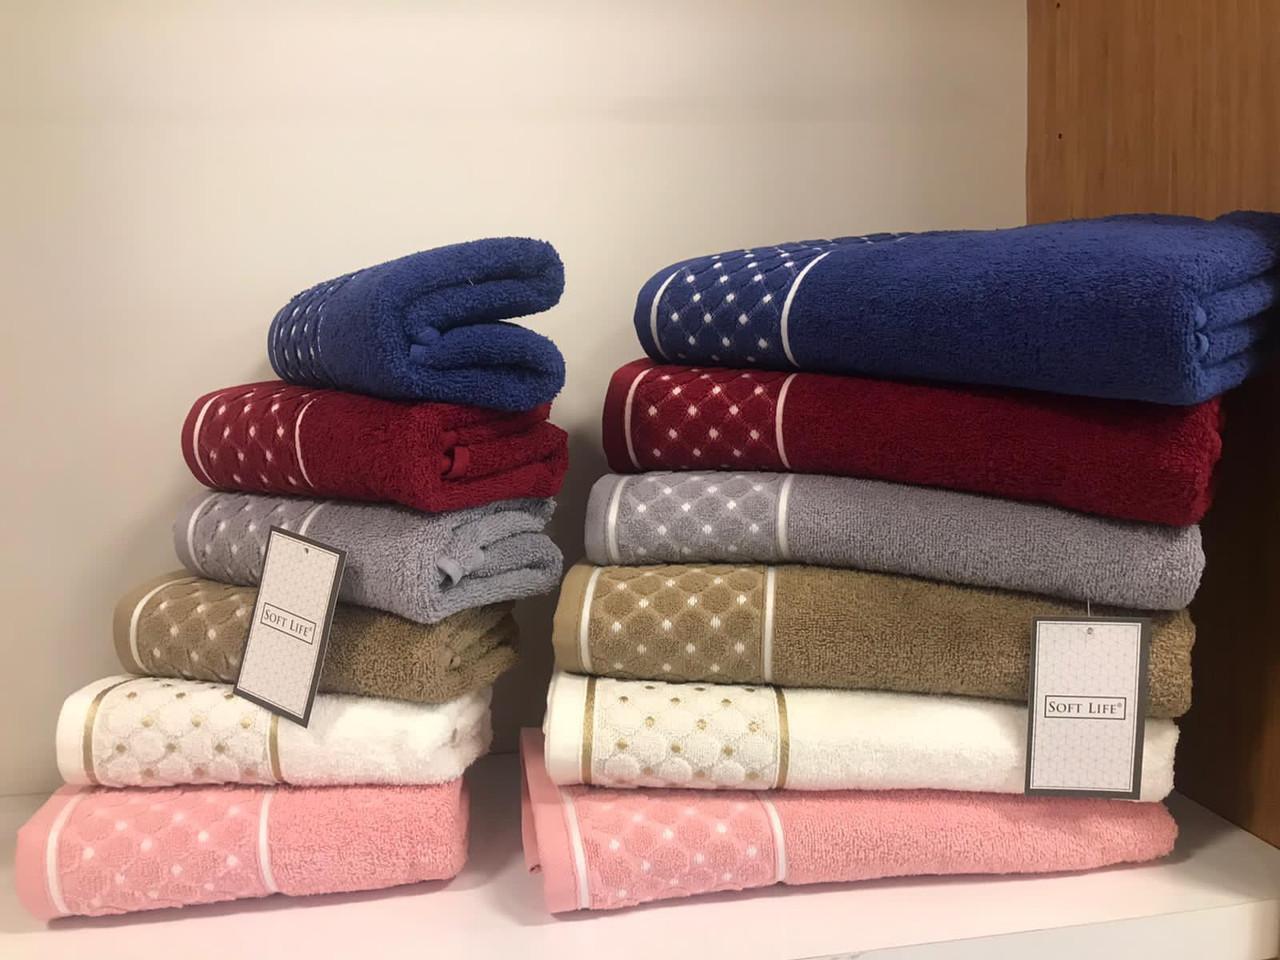 Махровые полотенца для бани в упаковке 6 штук 70 на 140 см Турция Soft Life